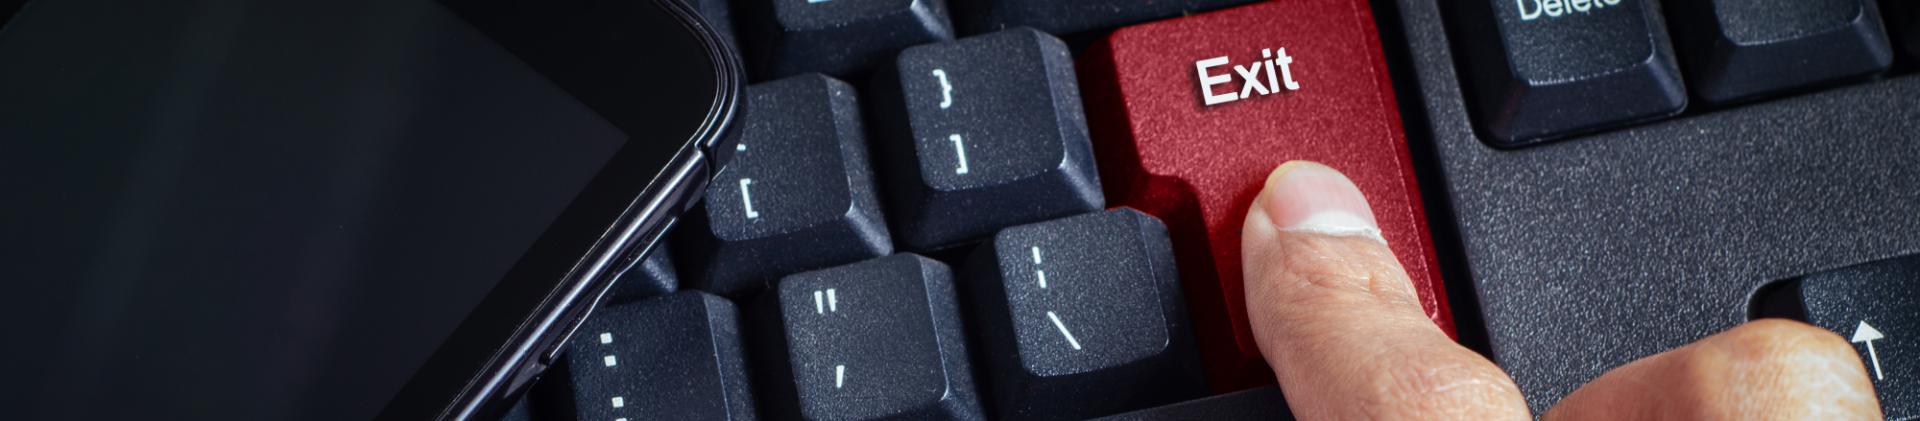 Exit Befragungen Tastatur